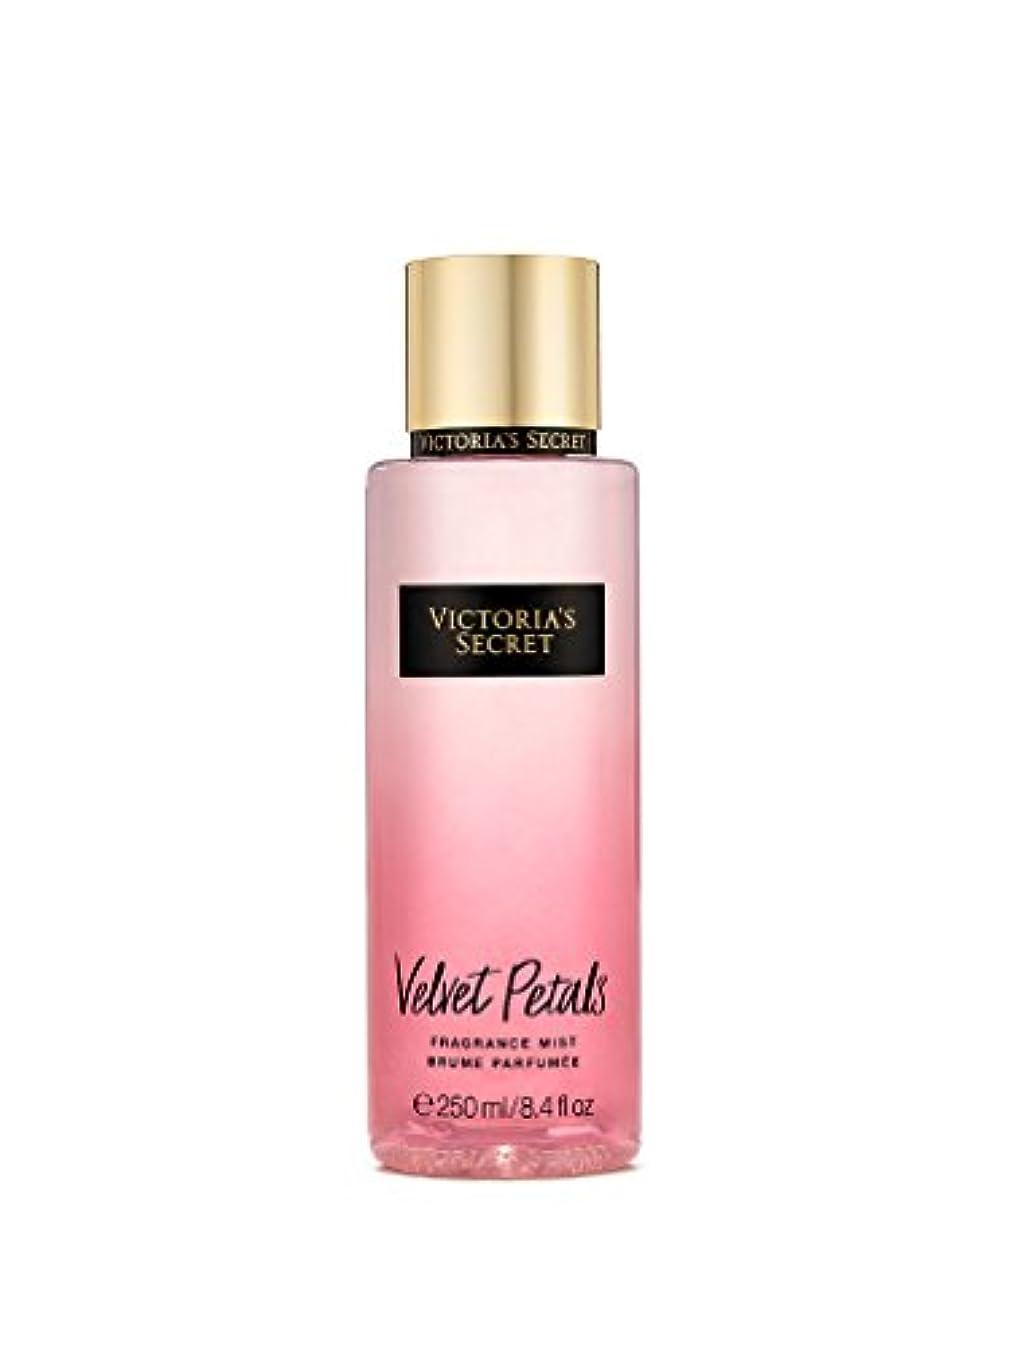 【並行輸入品】Victoria's Secret Velvet Petals Fragrance Mist ヴィクトリアズシークレットベルベットぺタルズミスト250 ml